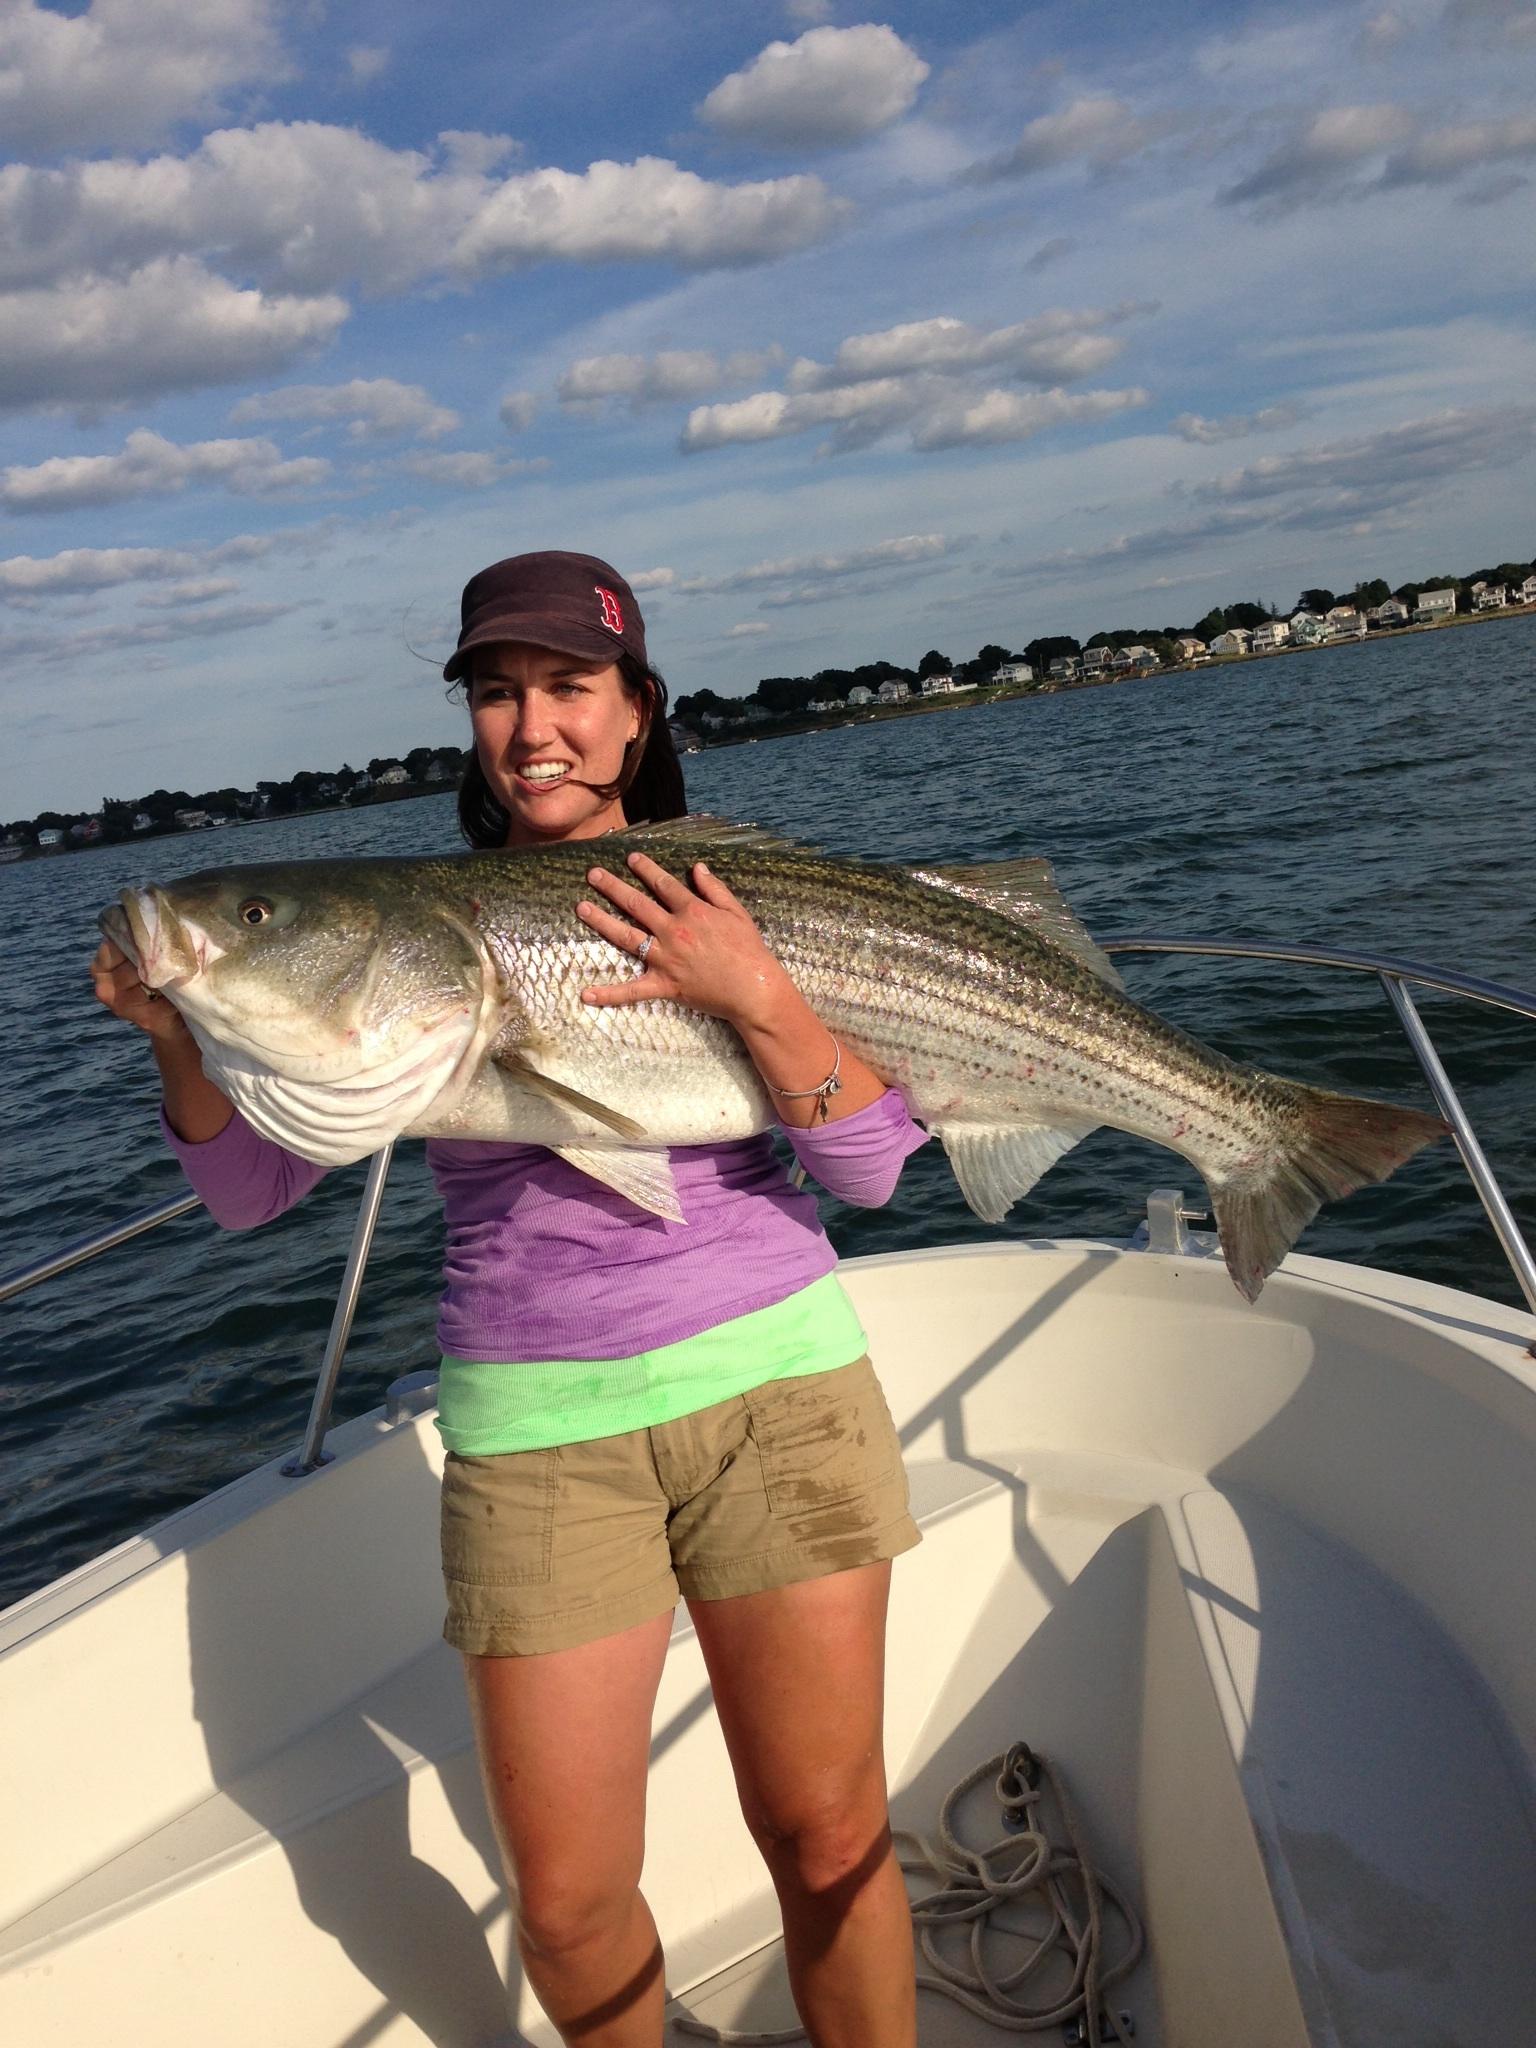 Massachusetts new hampshire and maine fishing report 8 22 13 for Mass fishing report